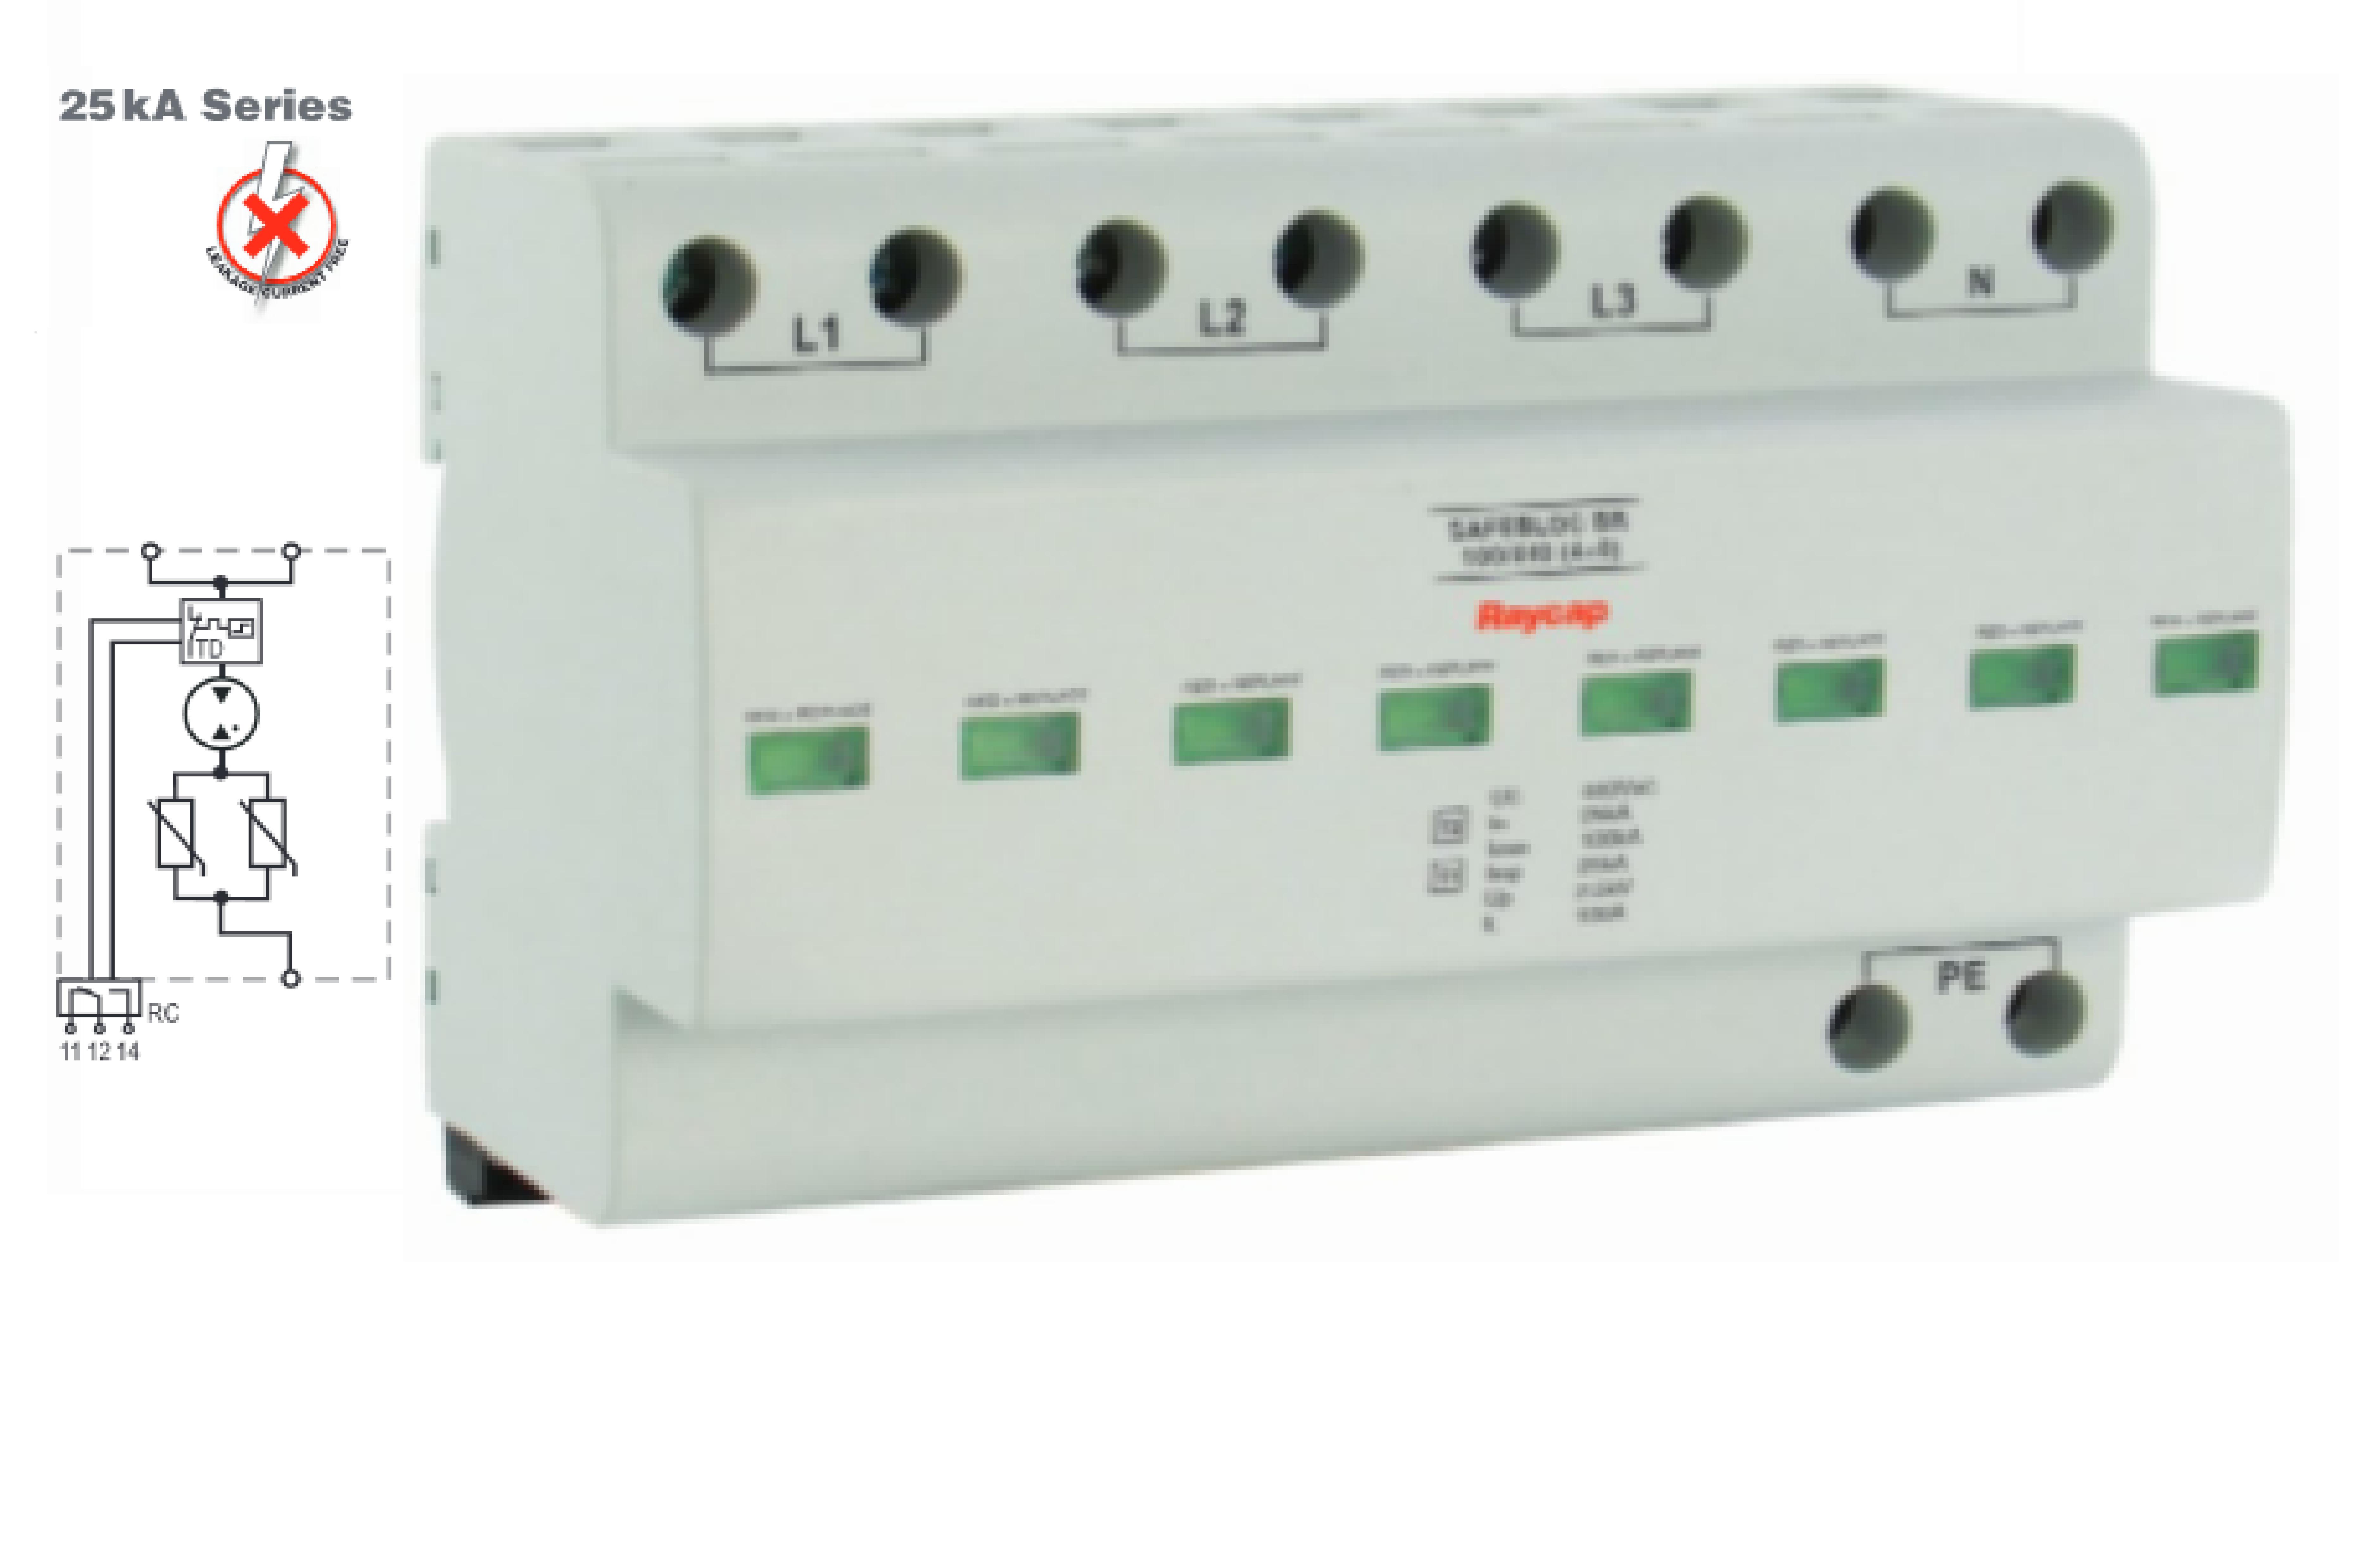 SafeBloc B(R) 440Vac, 25kA y 12,5kA